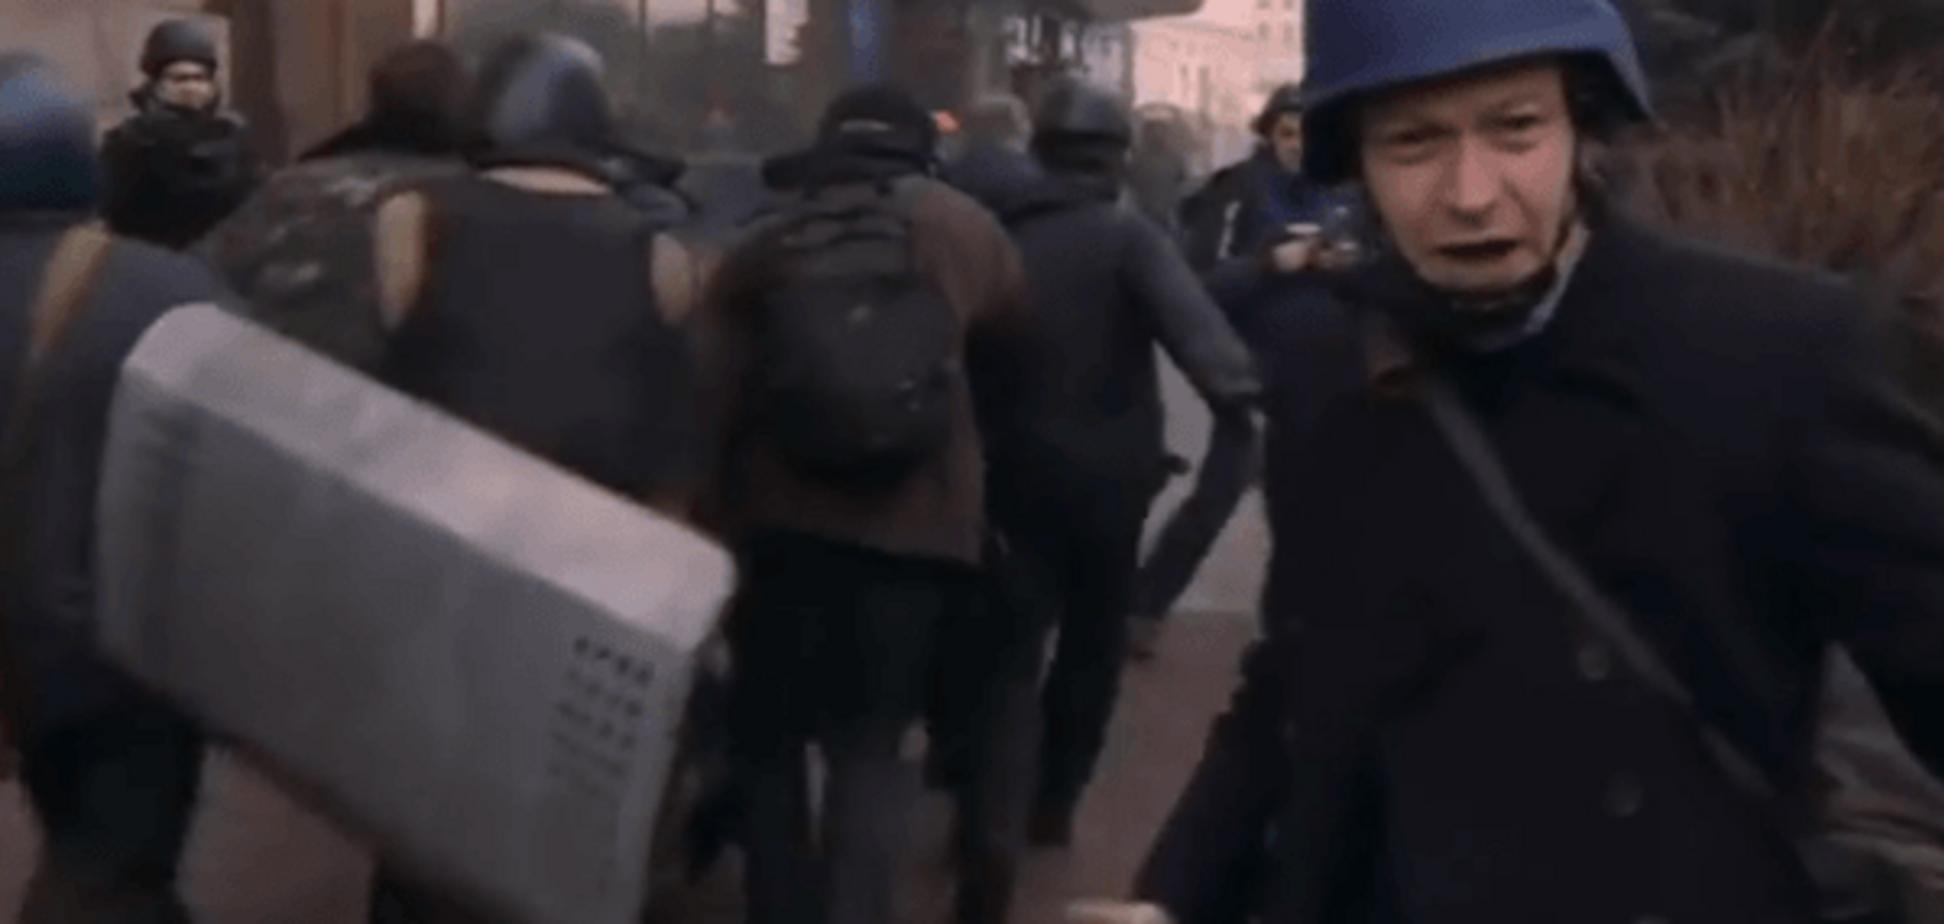 Журналист ВВС снял на видео, как из номера 'свободовца' стреляли по Майдану